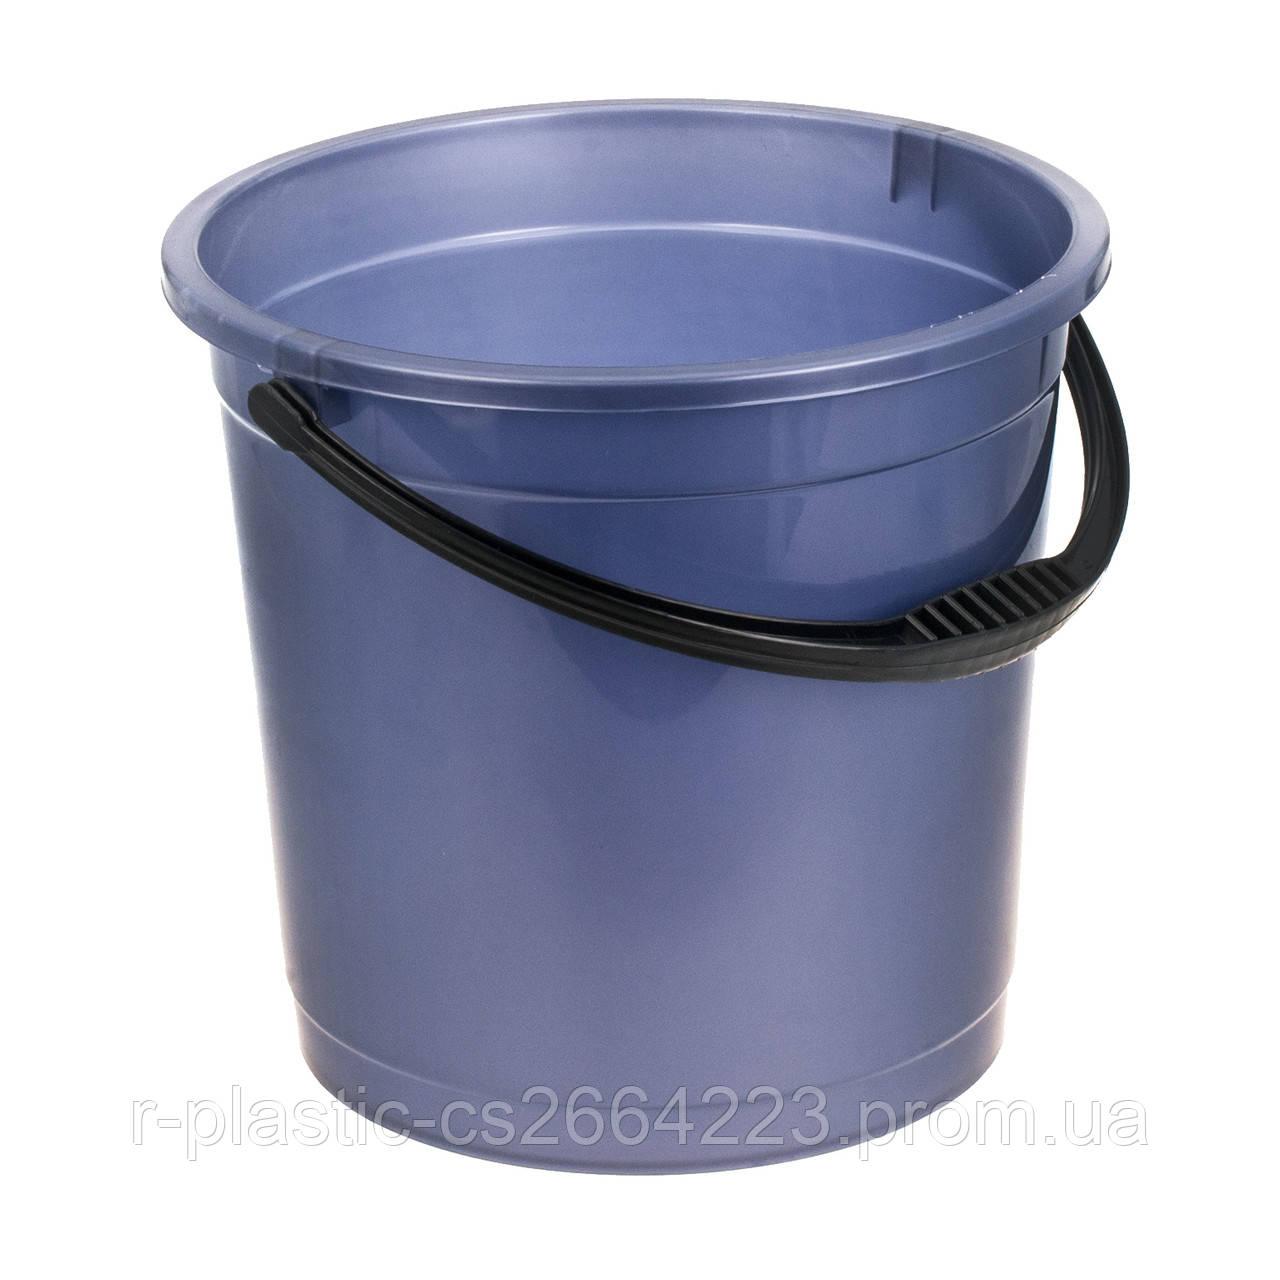 Ведро цветное без крышки 12л R-Plastic фиолетовое